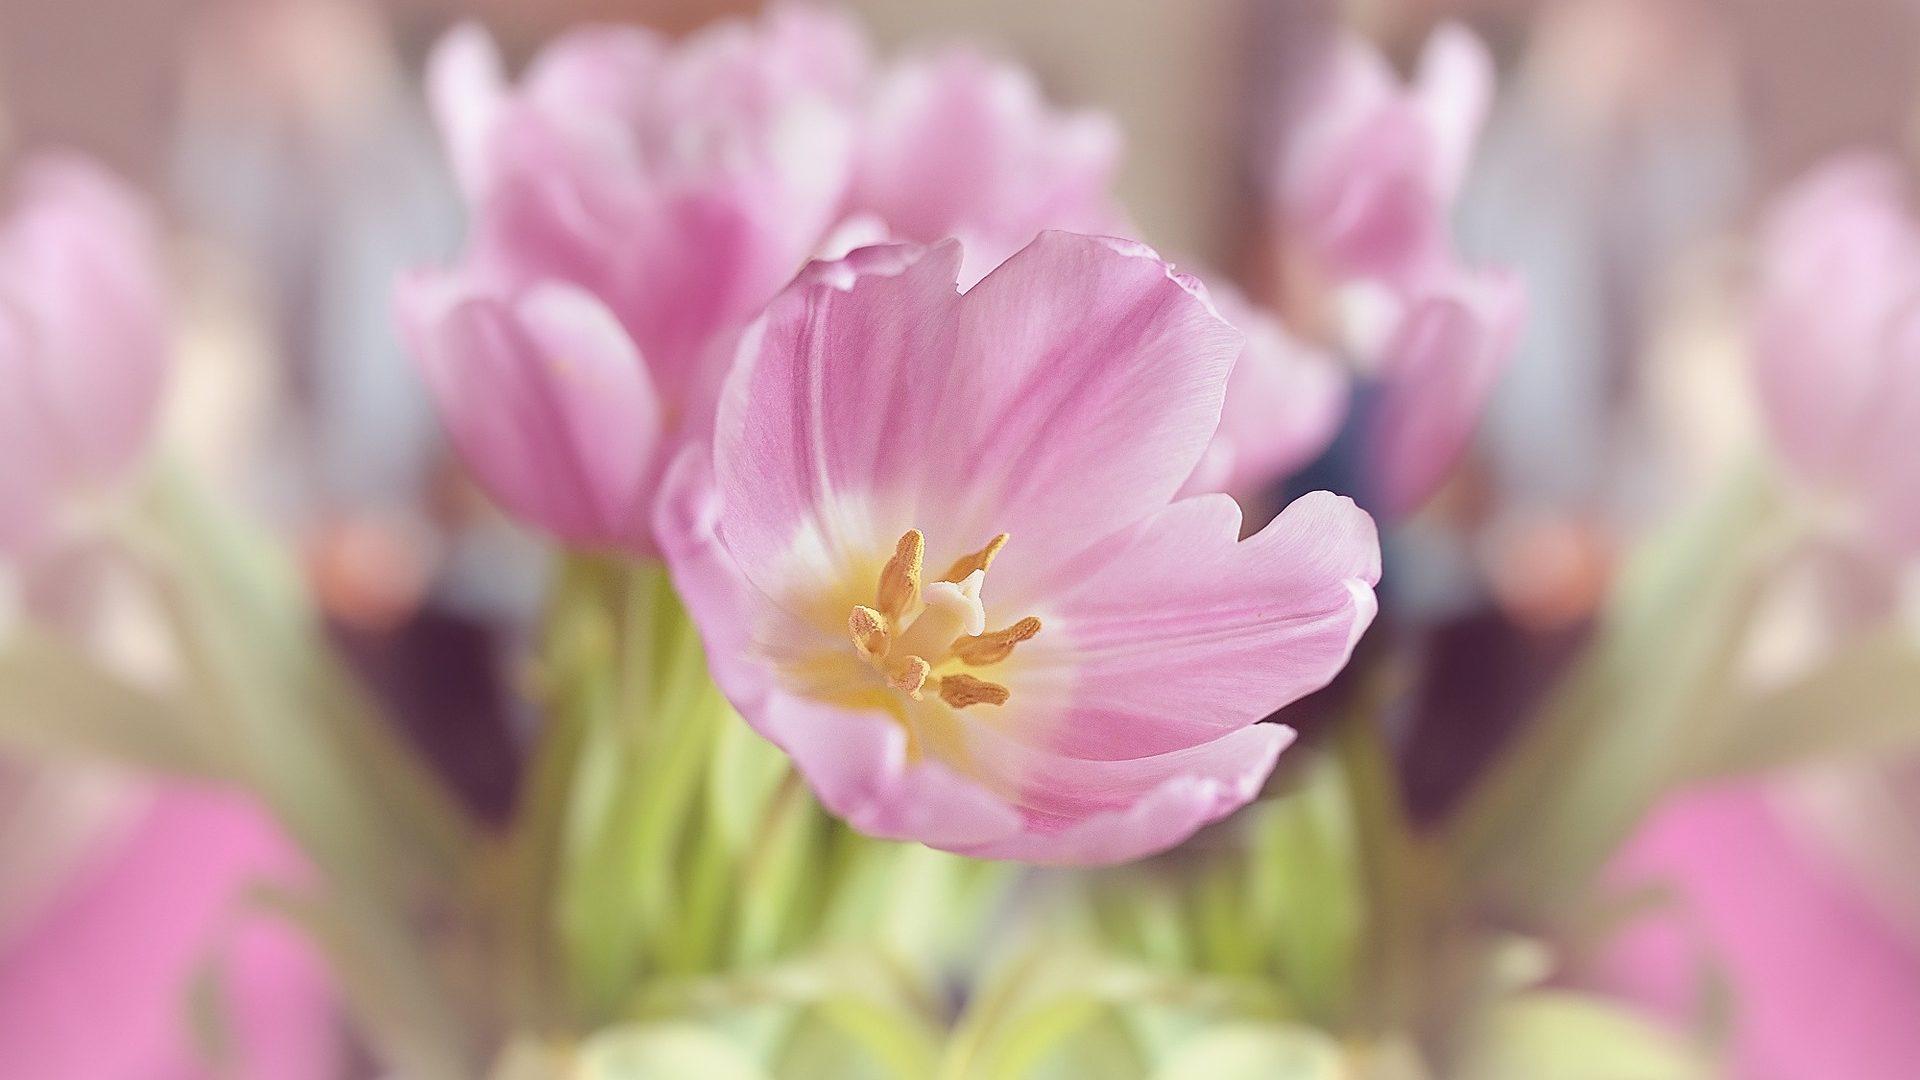 Blüte in Pastellfarben